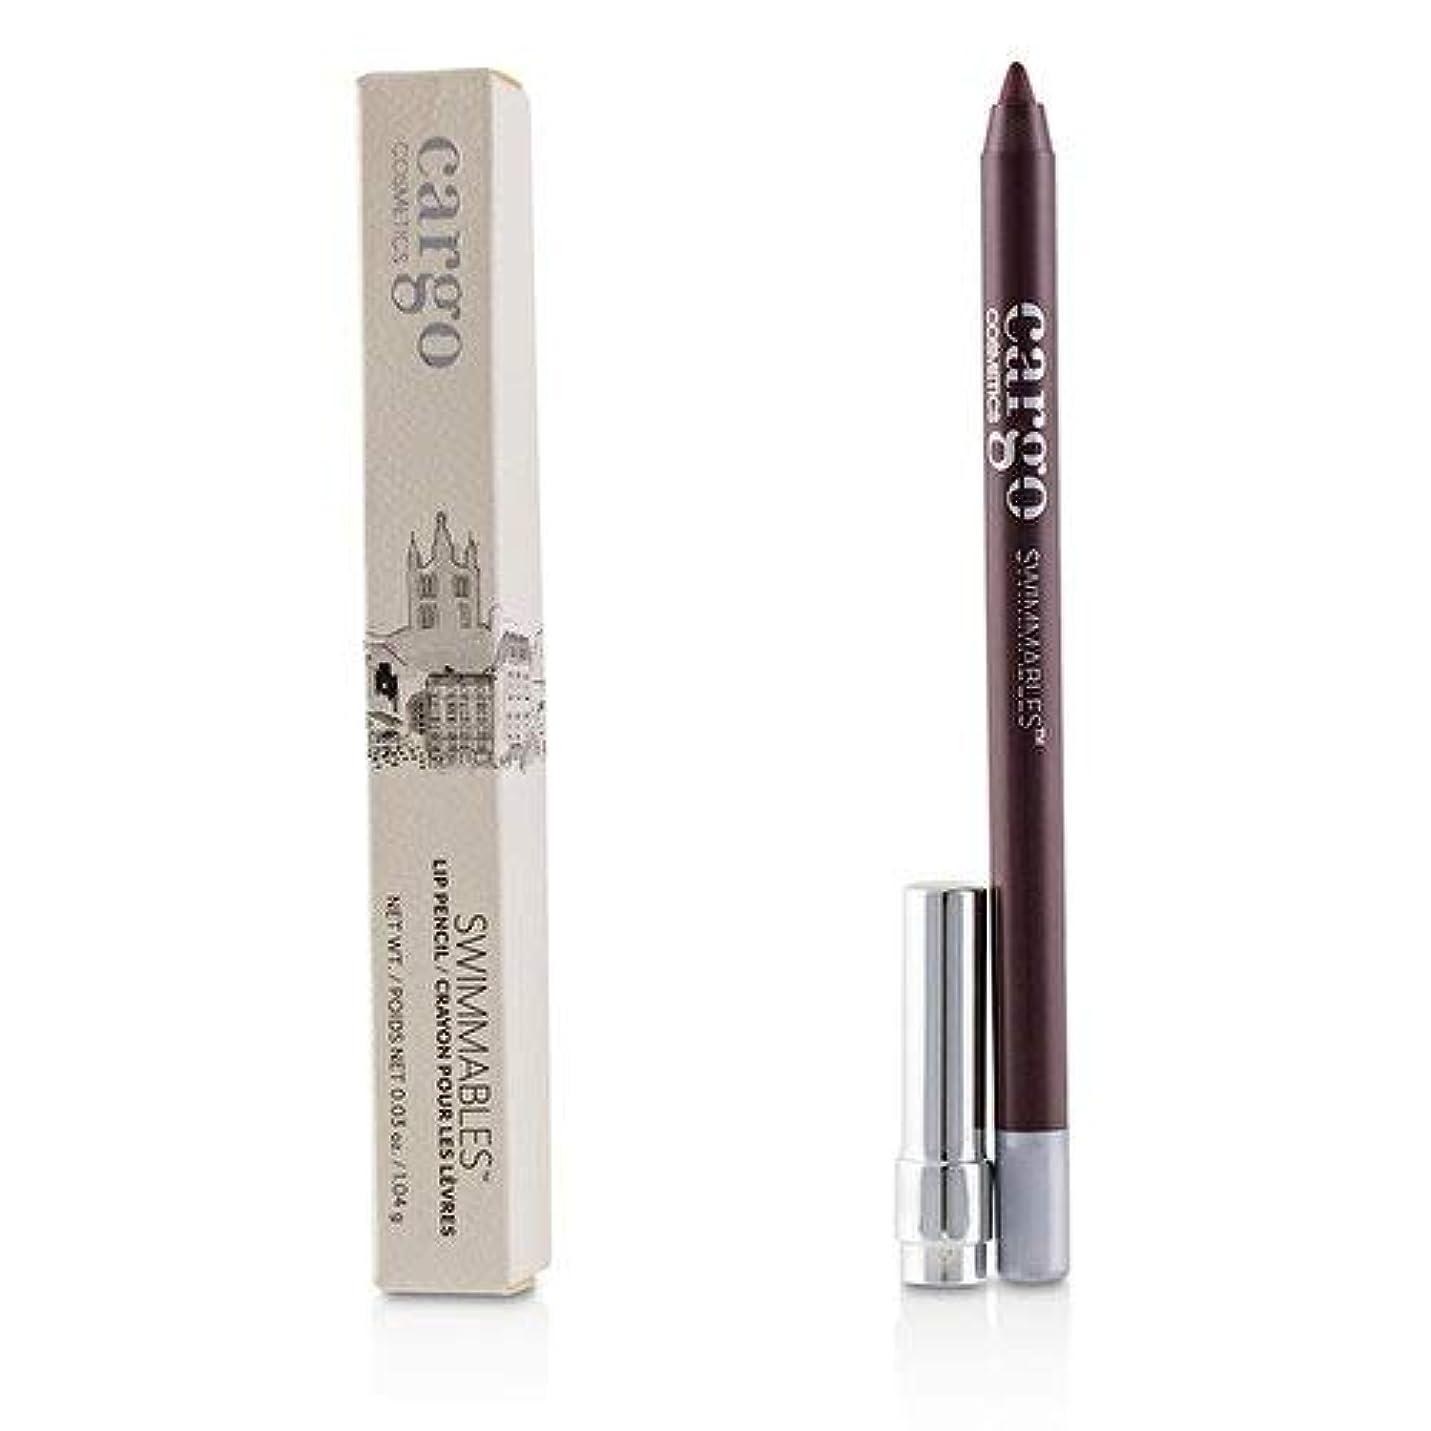 グラフィック同情取り壊すカーゴ Swimmables Lip Pencil - # Zurich 1.04g/0.03oz並行輸入品